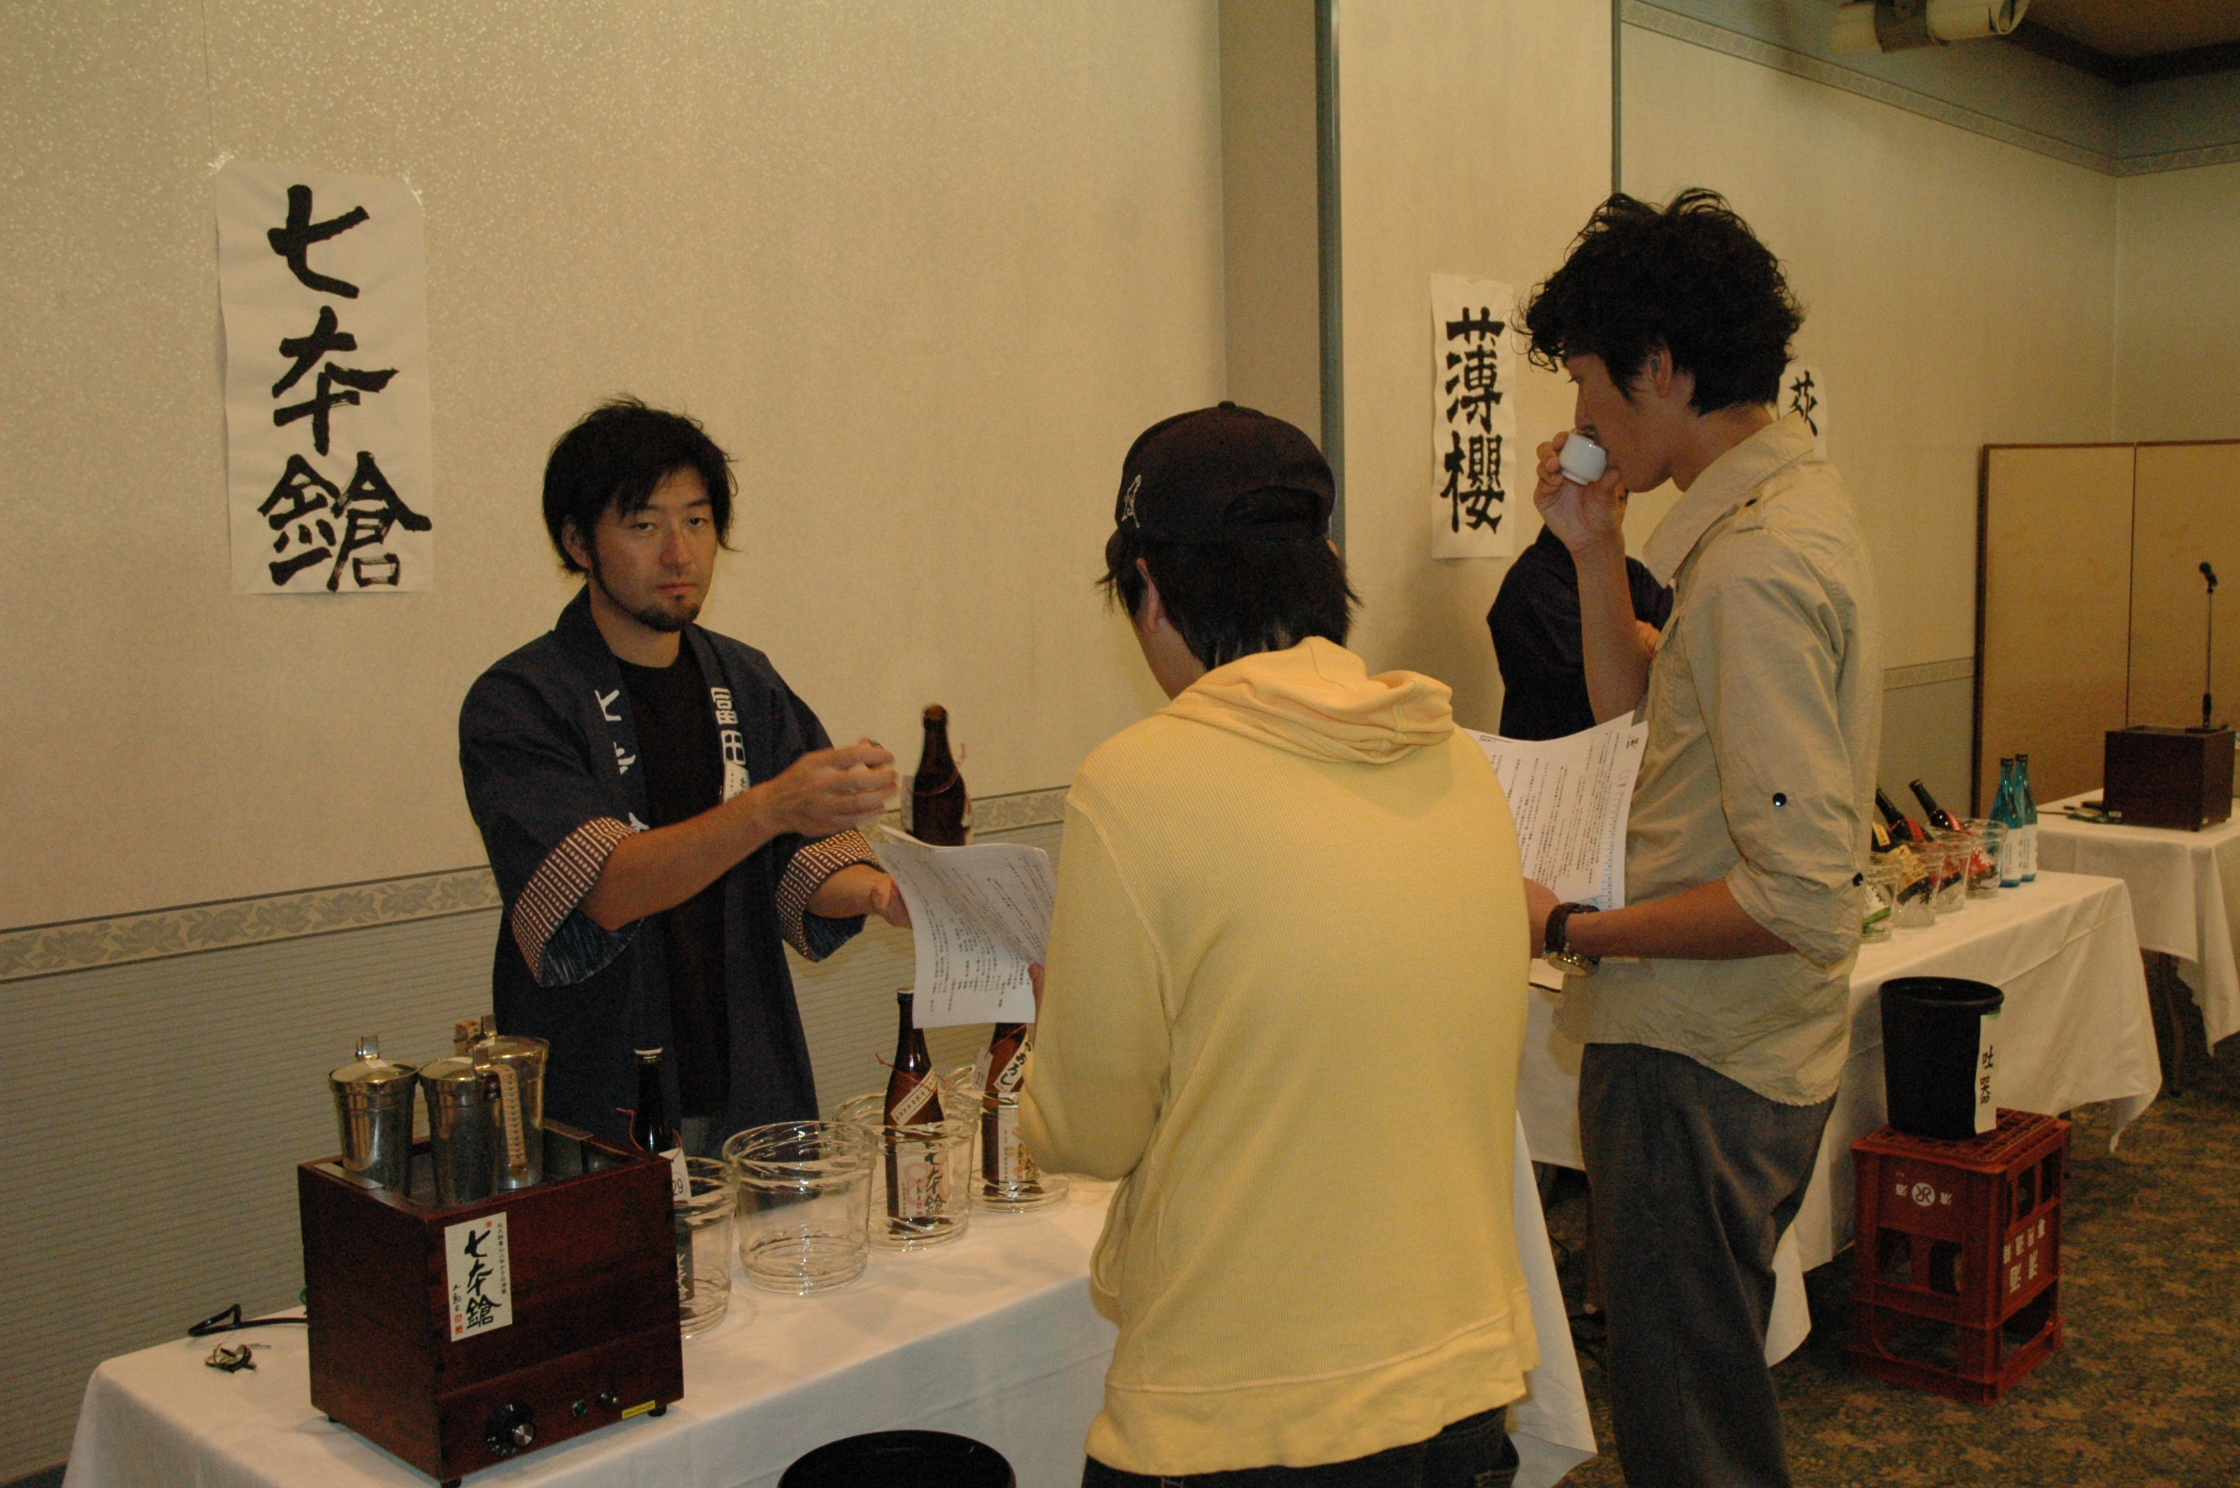 滋賀地酒祭り2010 酒舗まえたに